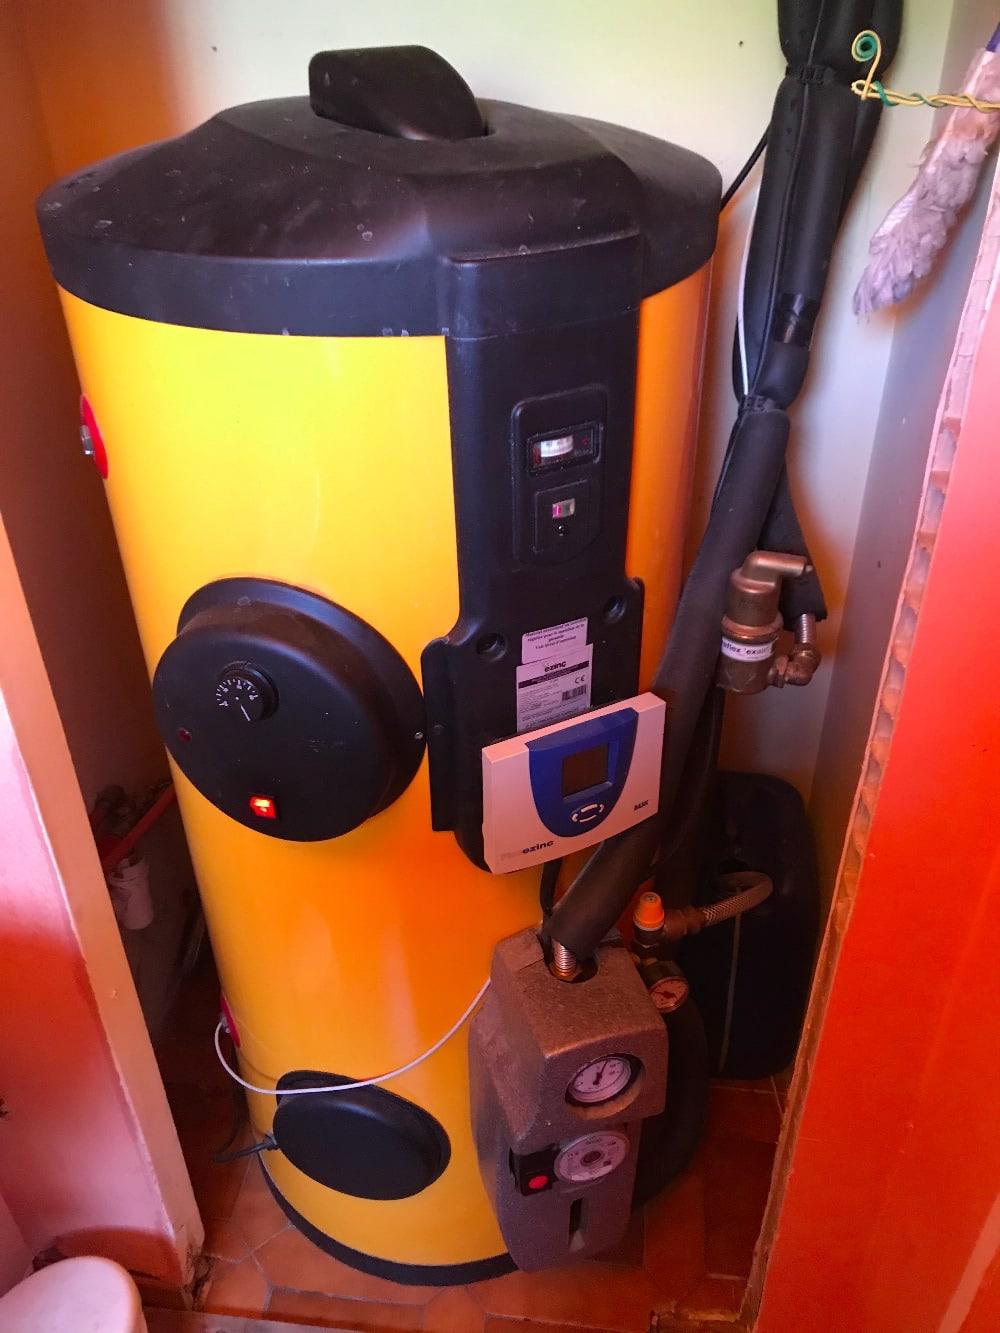 entretien-chauffe-eau-2